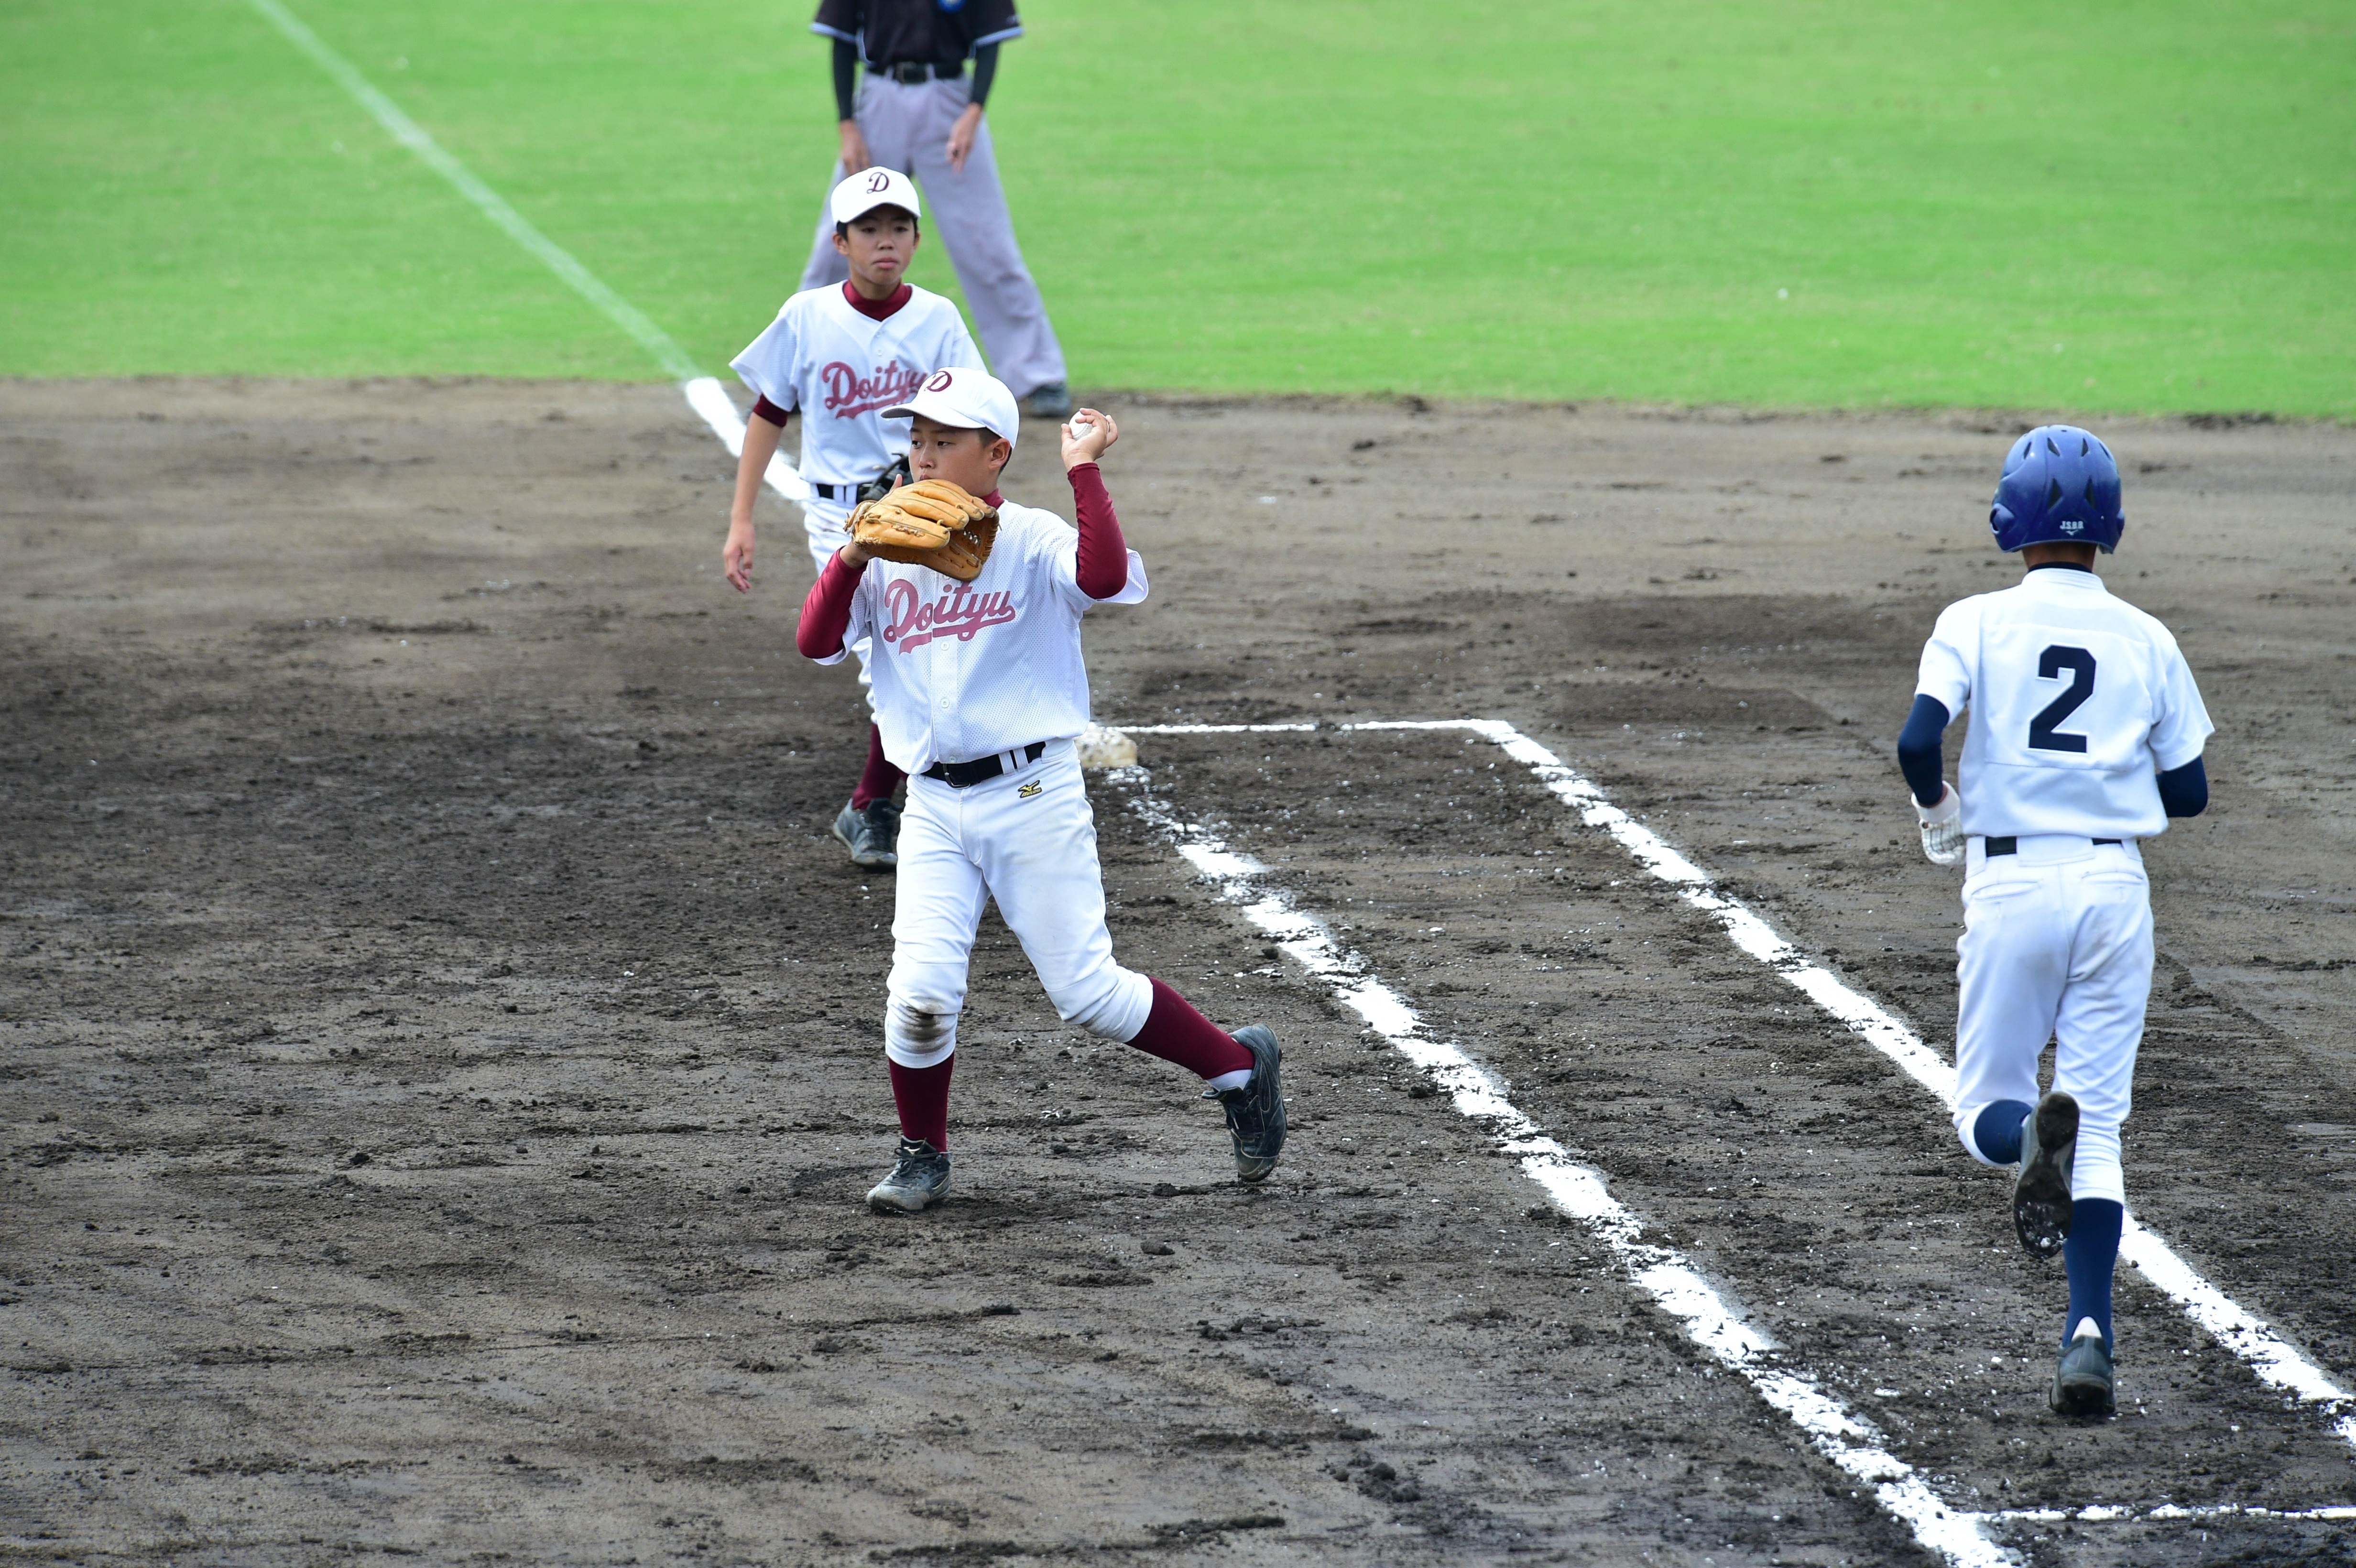 軟式野球 (101)